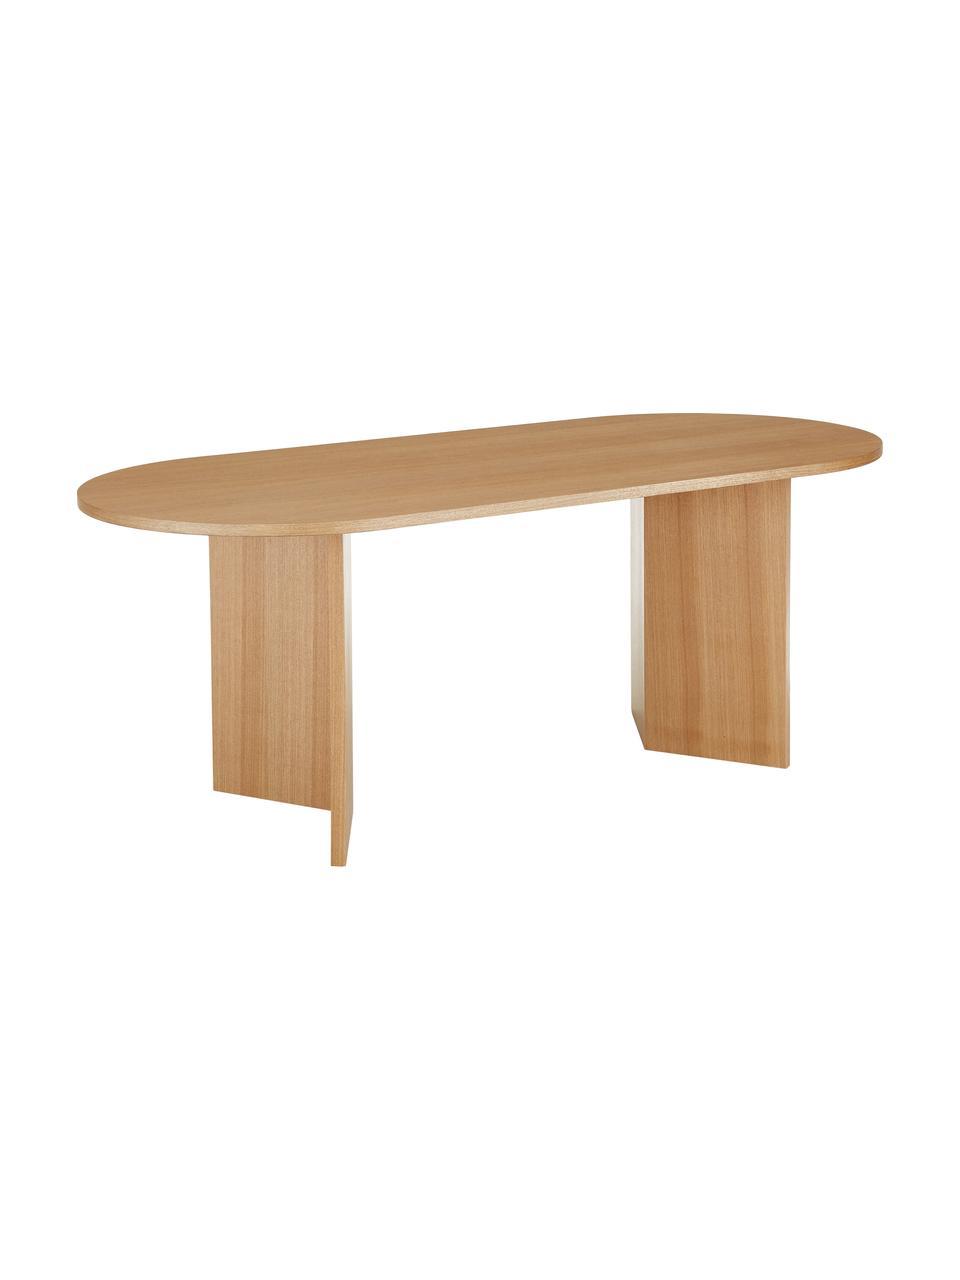 Ovale eettafel Toni van hout, MDF met gelakt essenhoutfineer, Essenhoutfineer, 200 x 90 cm